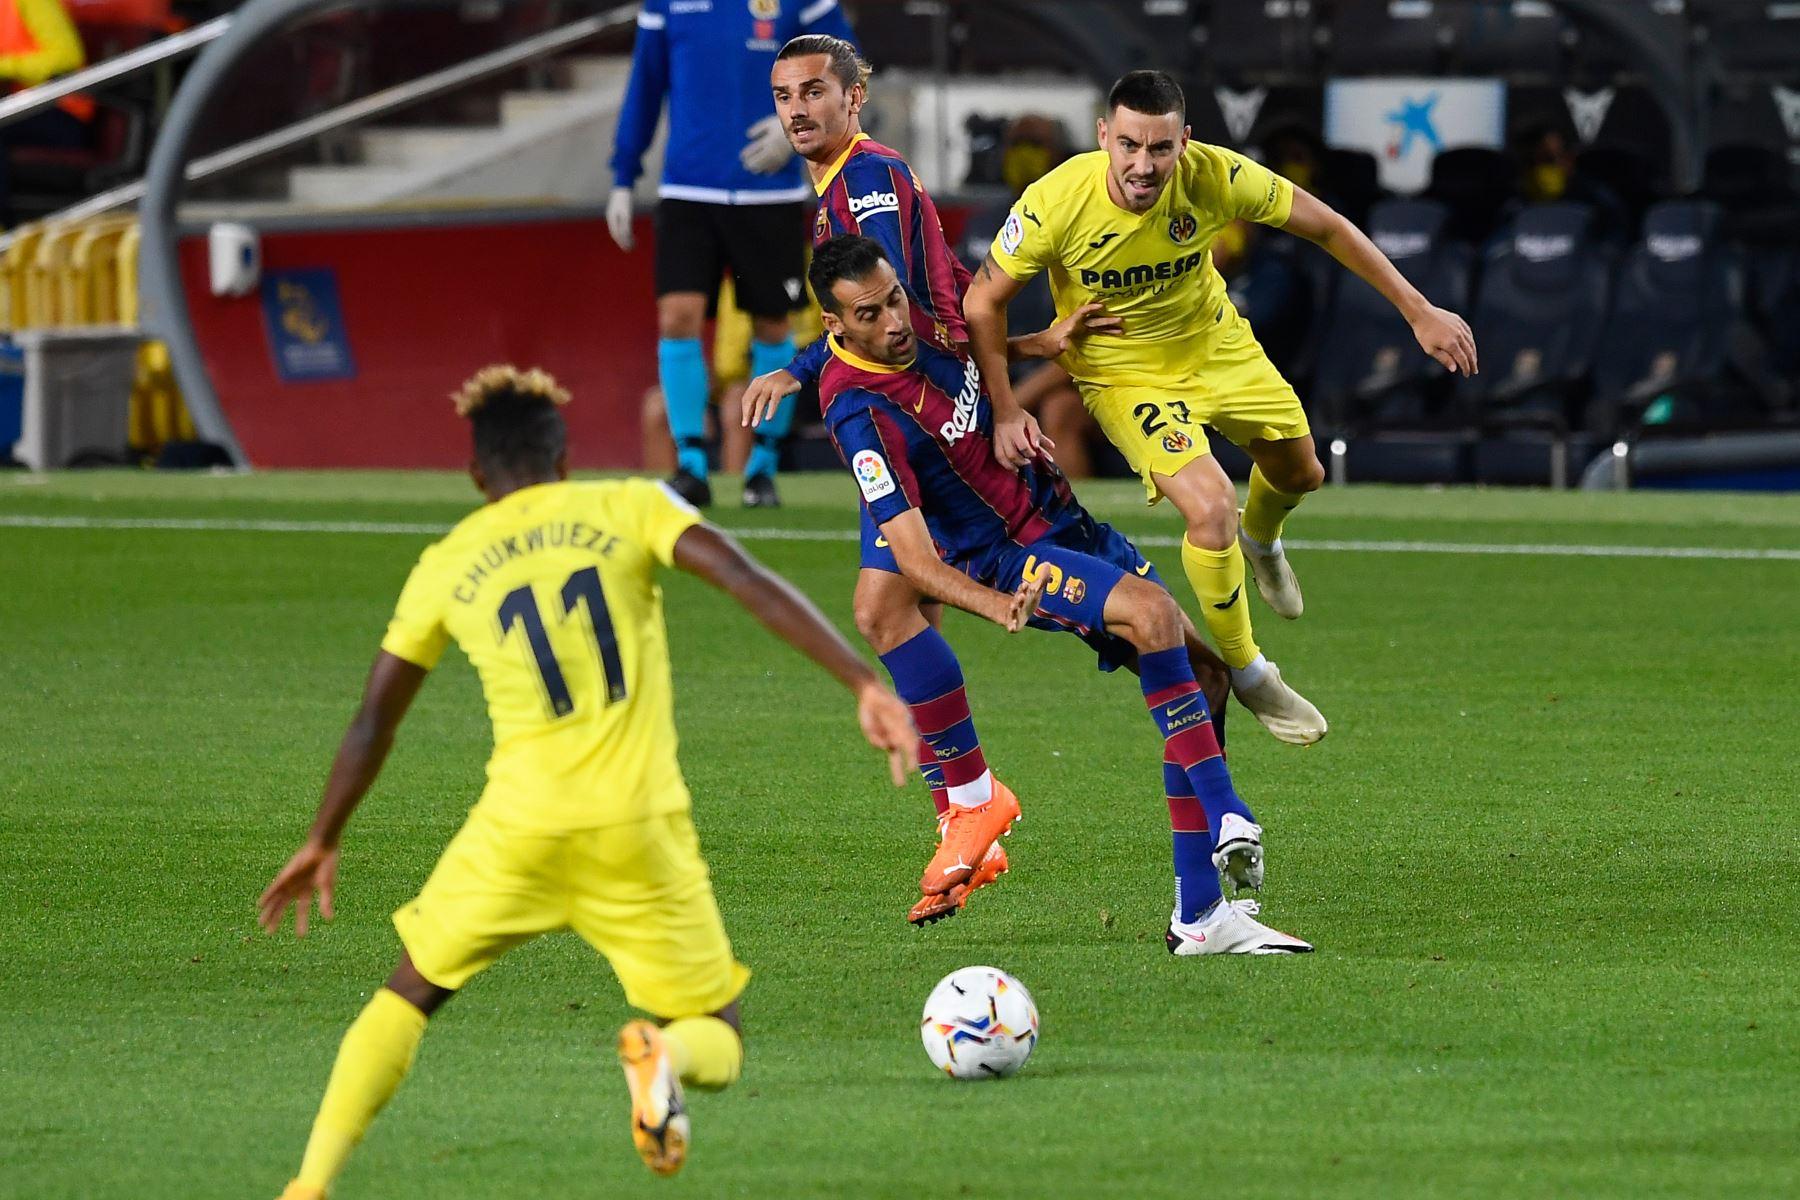 El centrocampista español del Villarreal, Moisés Gómez, desafía al mediocampista español del Barcelona, Sergio Busquets, durante el partido de fútbol de la liga española. Foto: AFP